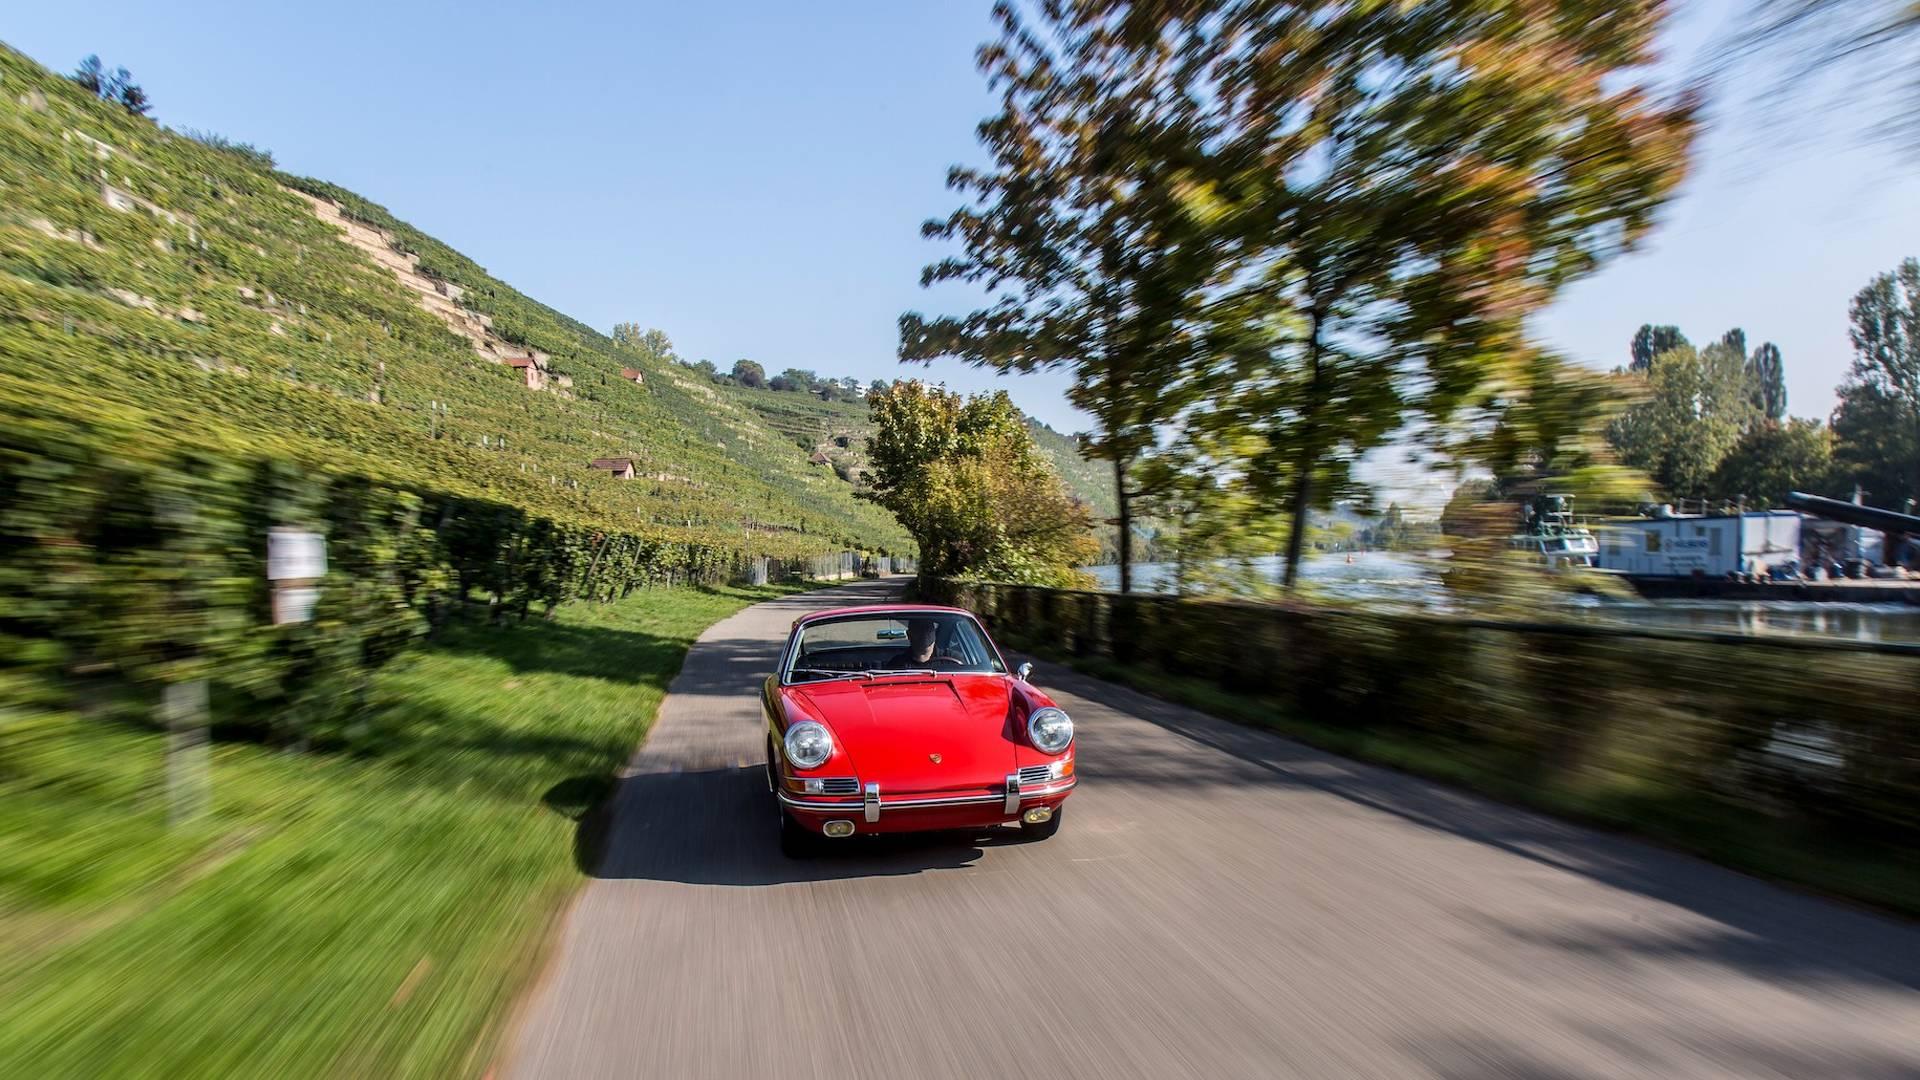 Porsche 901 911 restoration porsche museum (21)